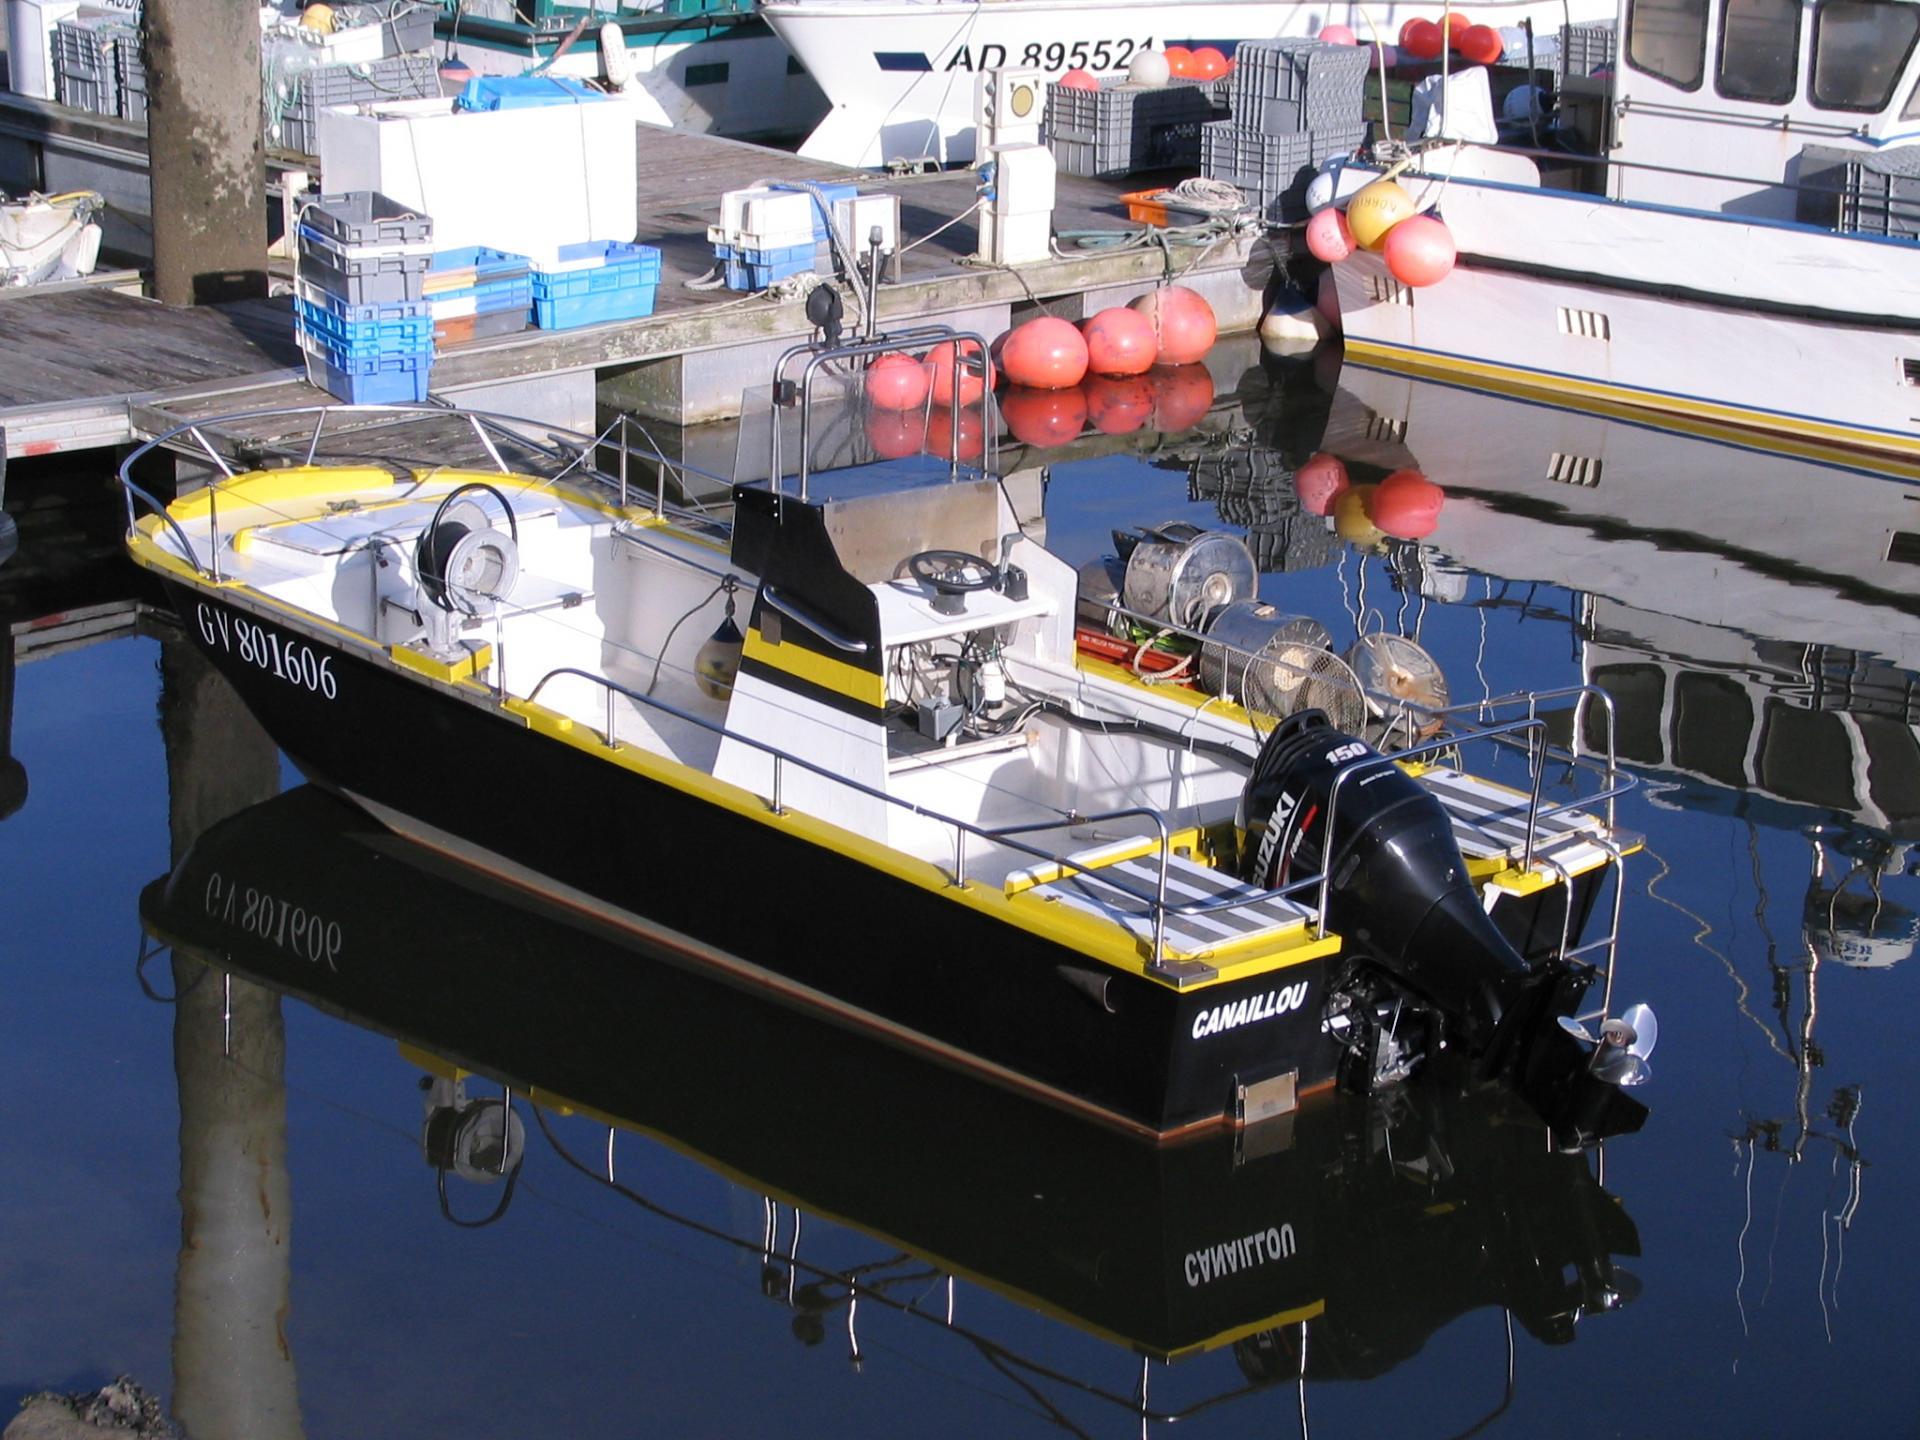 200112 canaillou ponton